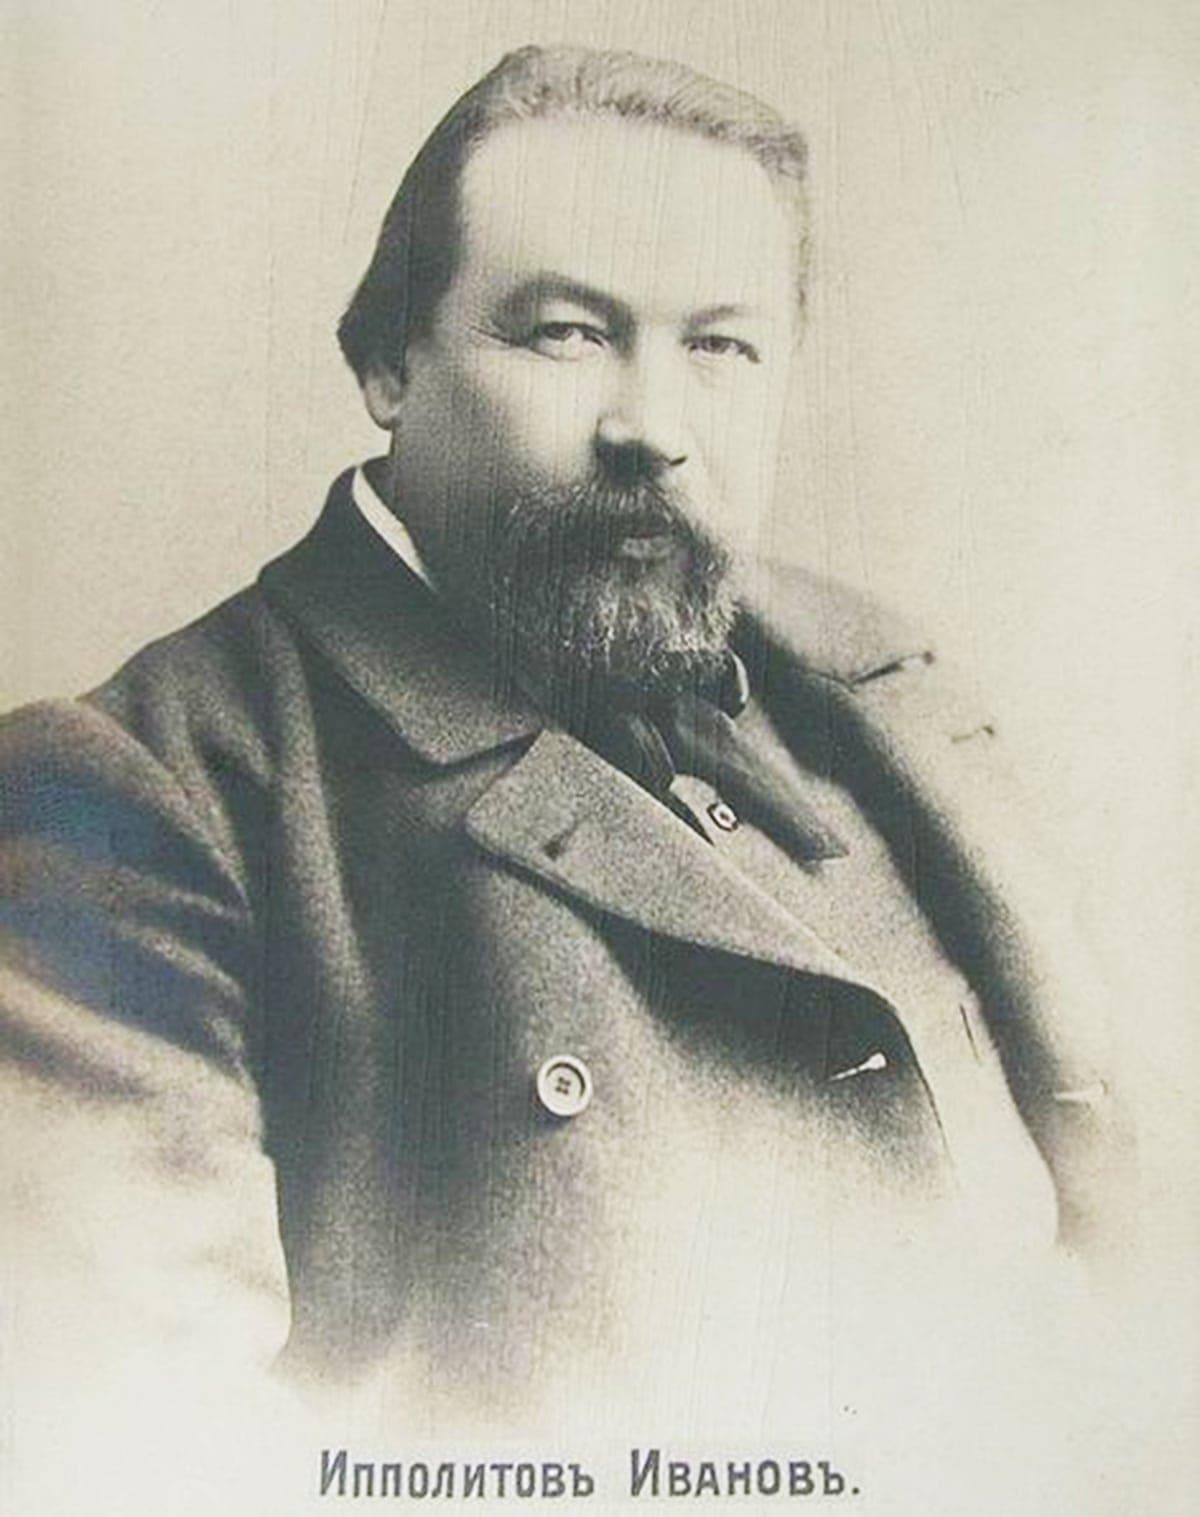 Михаил Михайлович Ипполитов-Иванов